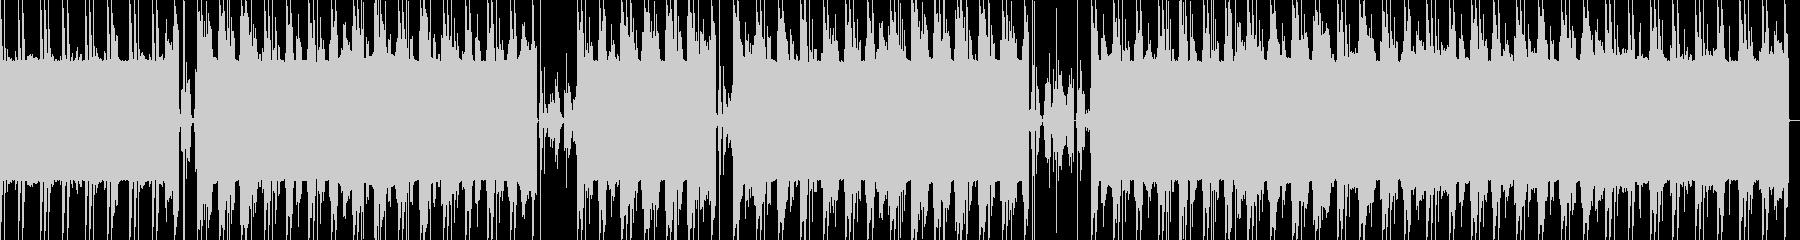 重い808とsaxのTRAPの未再生の波形